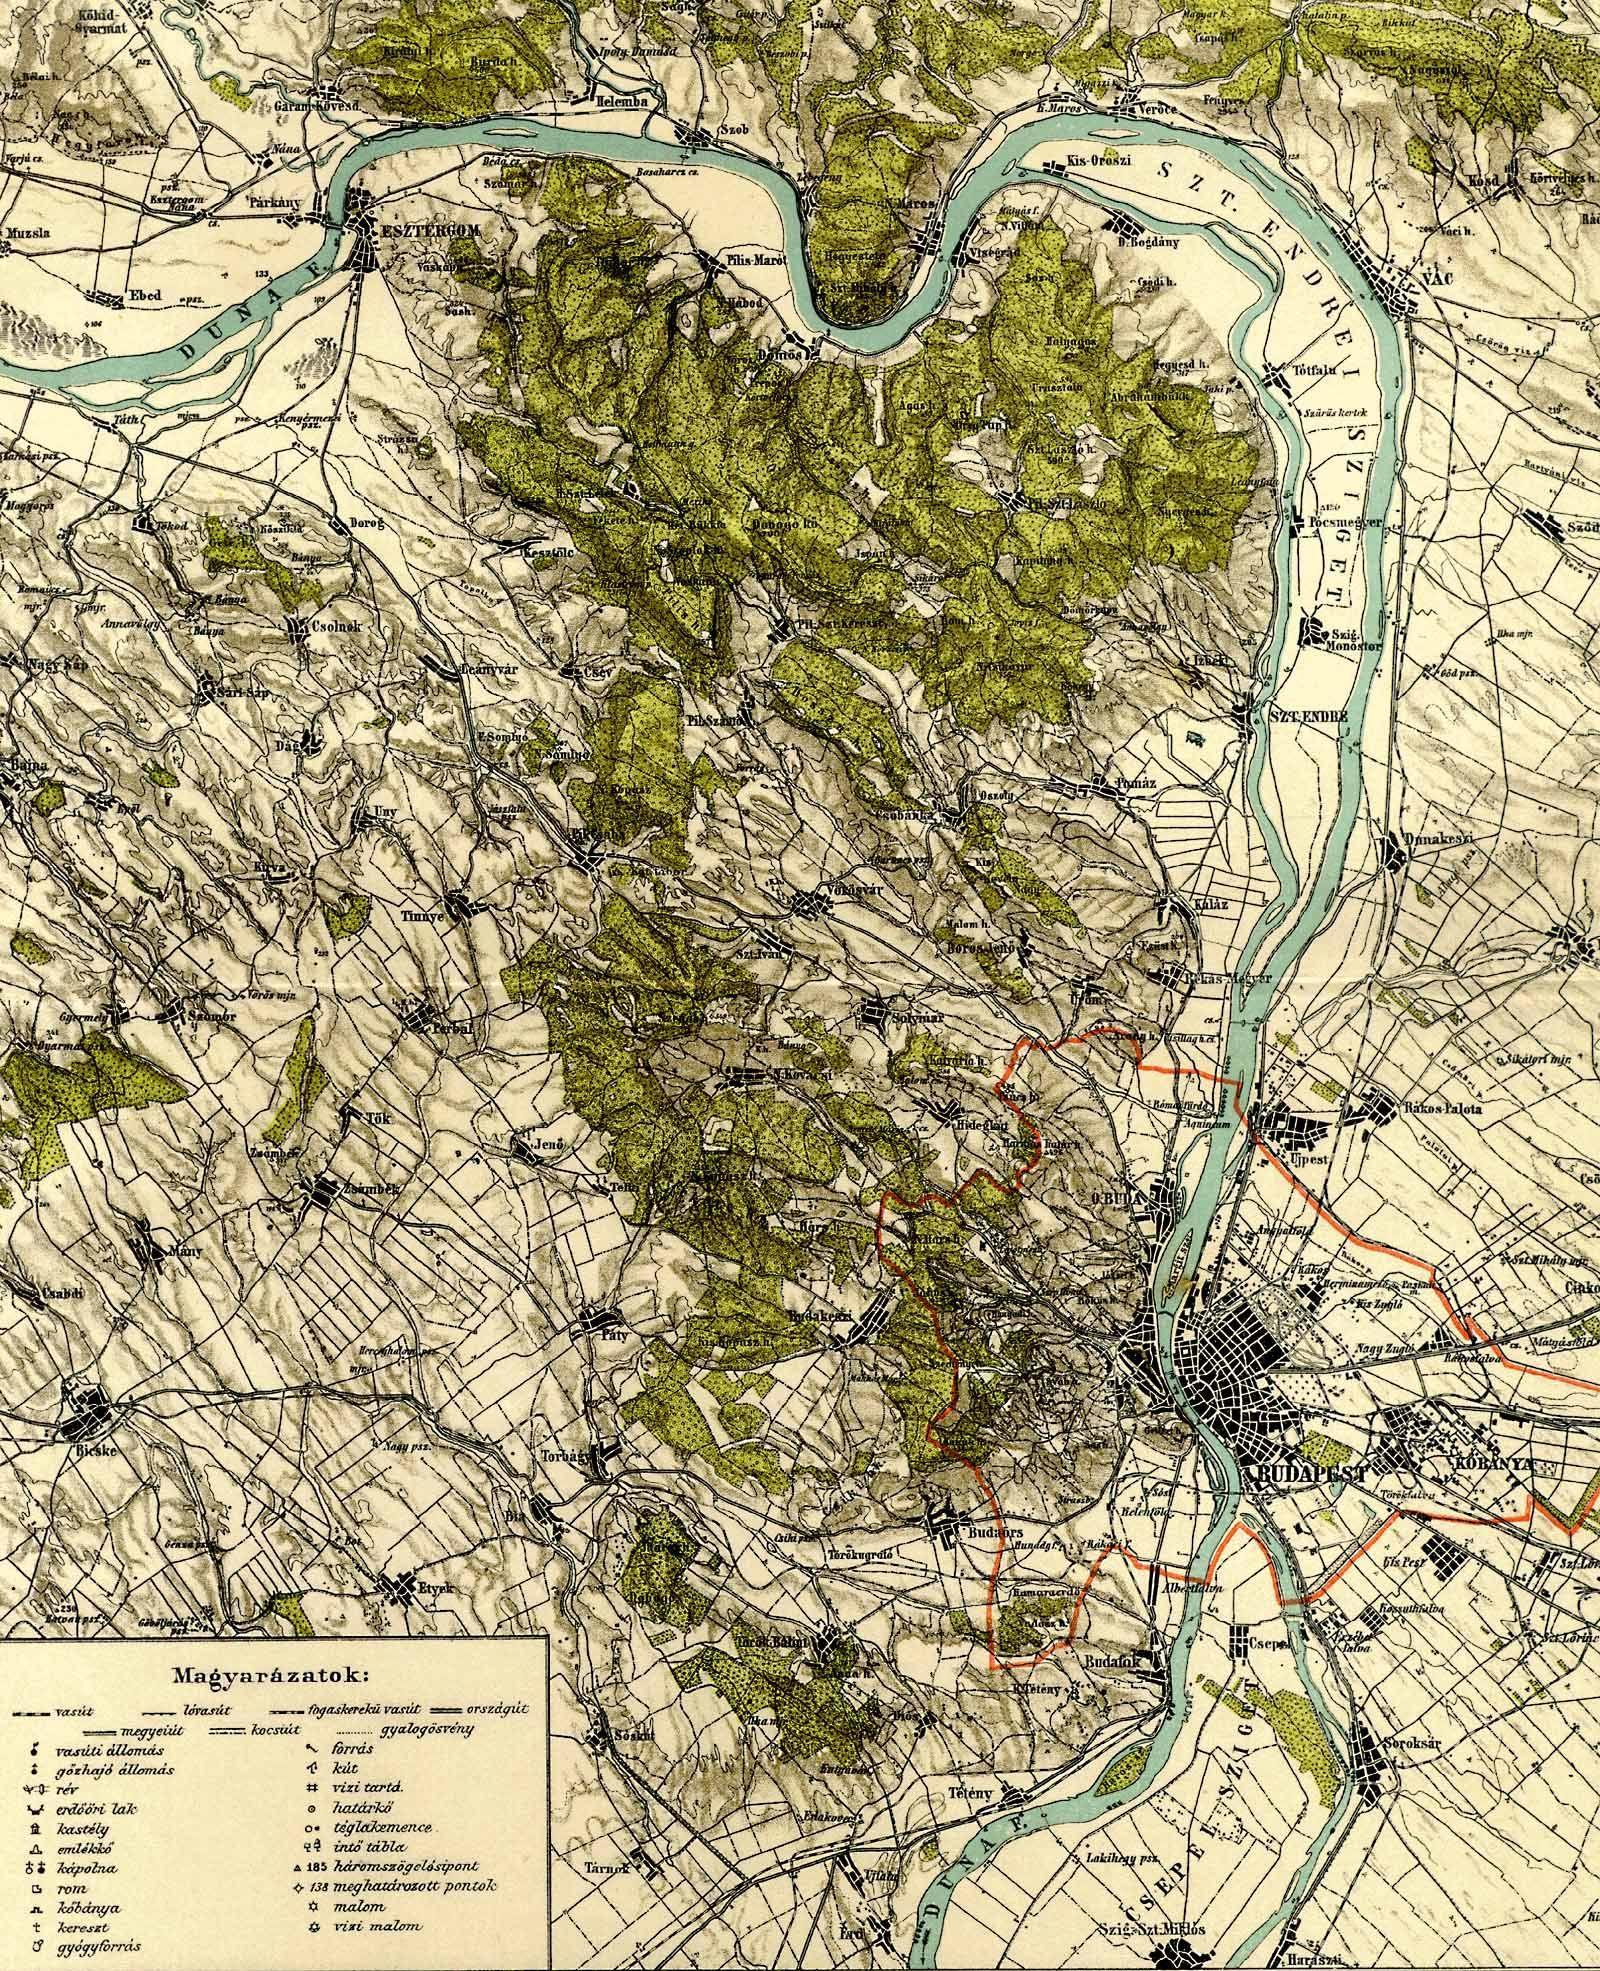 budapest szintvonalas térkép Budapest környéke [Digitális Képarchívum   DKA 000468] budapest szintvonalas térkép